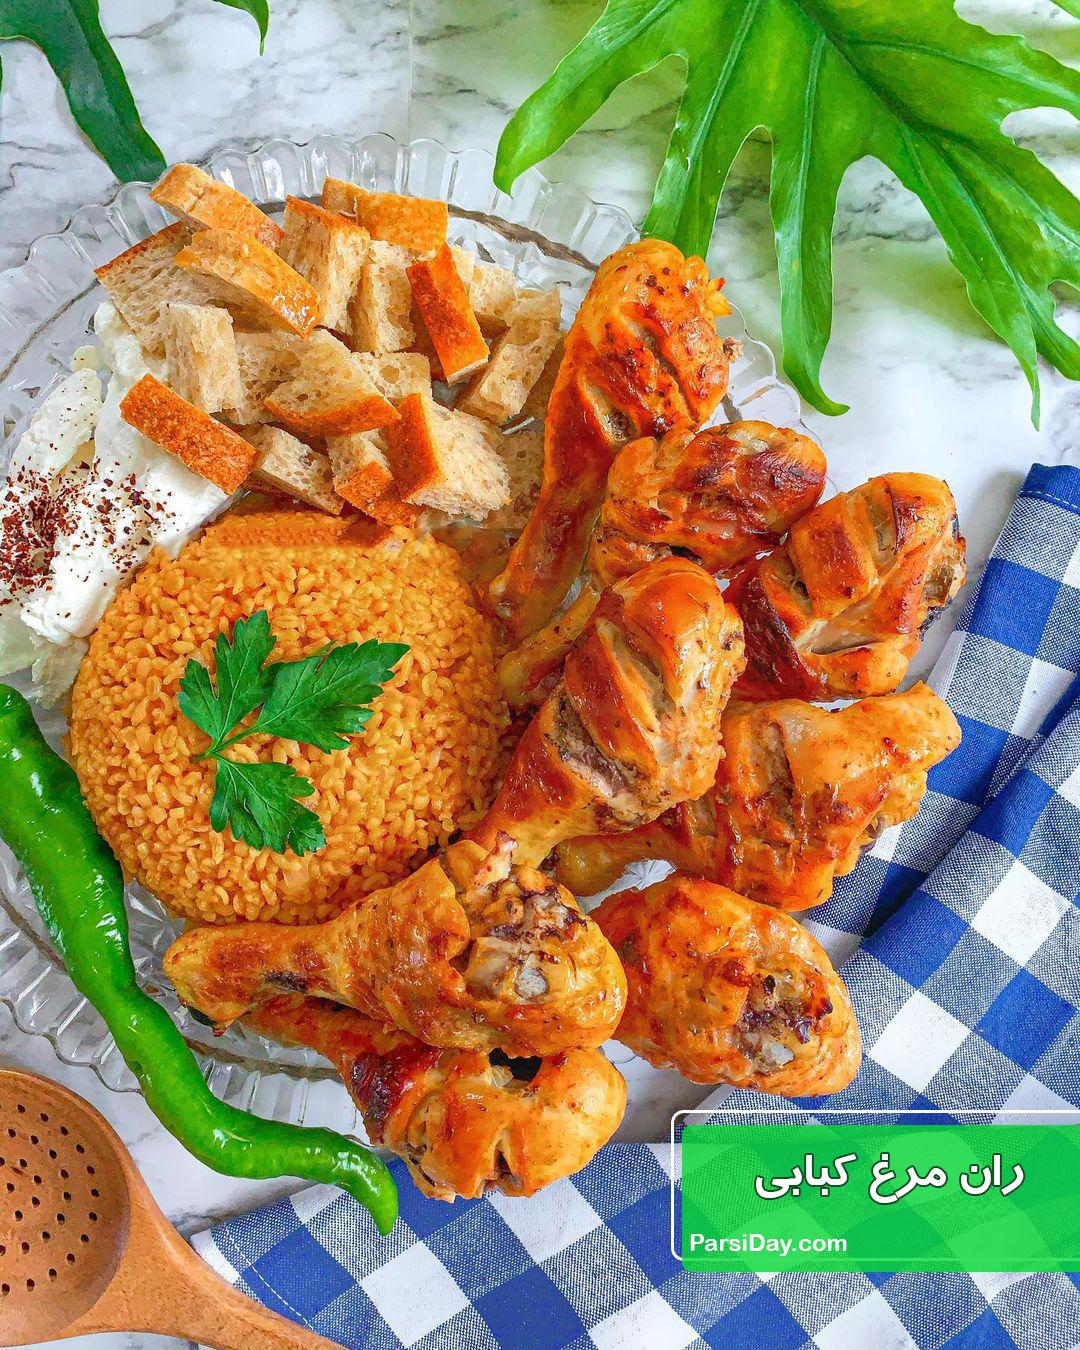 طرز تهیه ران مرغ کبابی